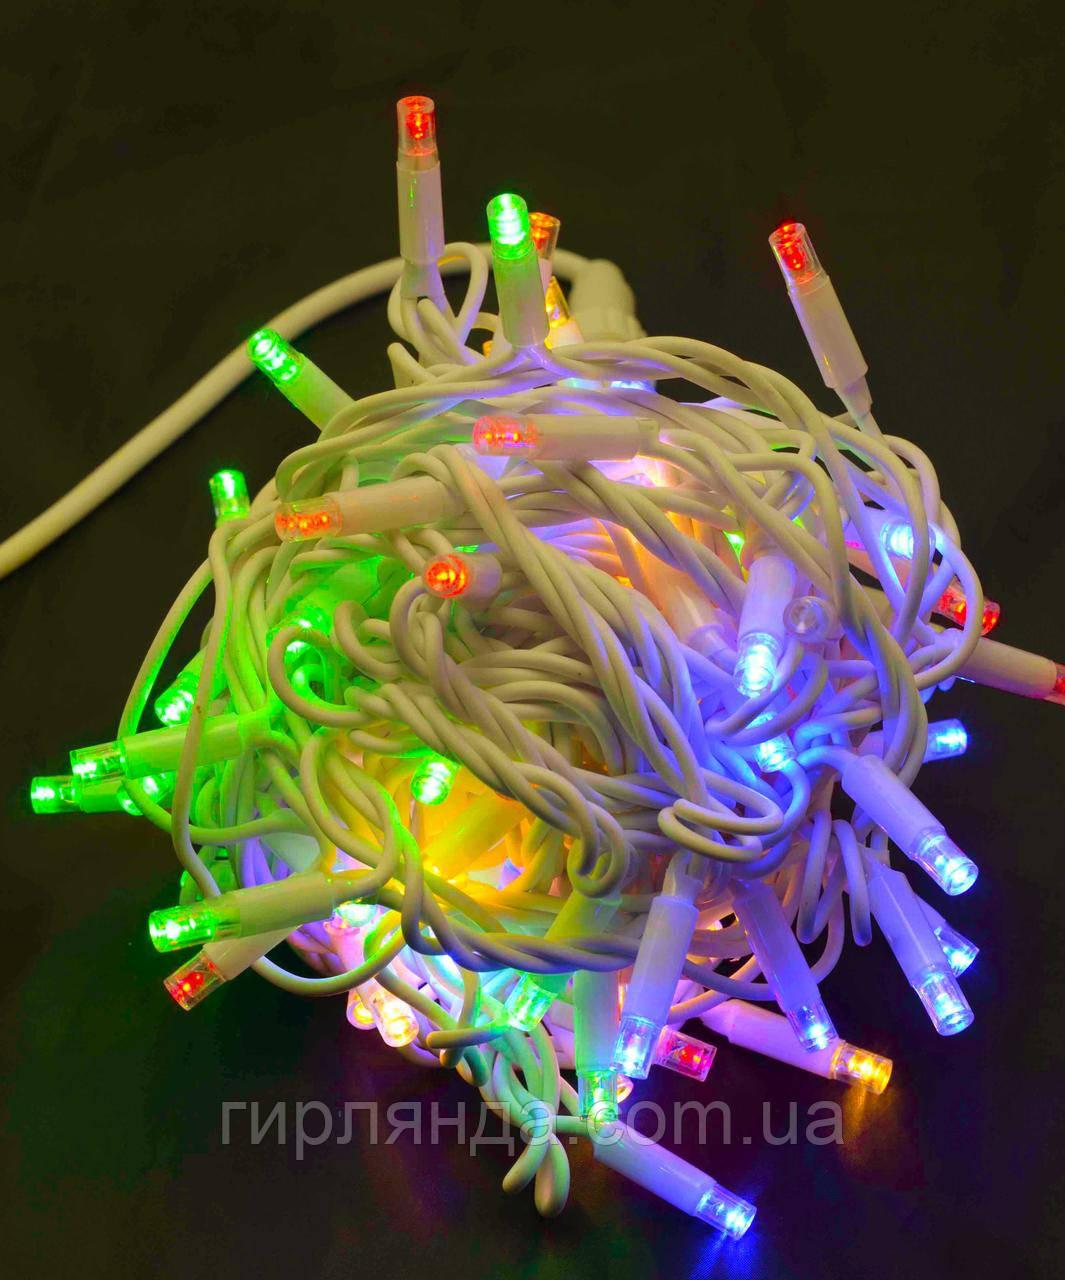 Вулична 100 LED,  10м,  білий каучук 3,3мм, кольорова